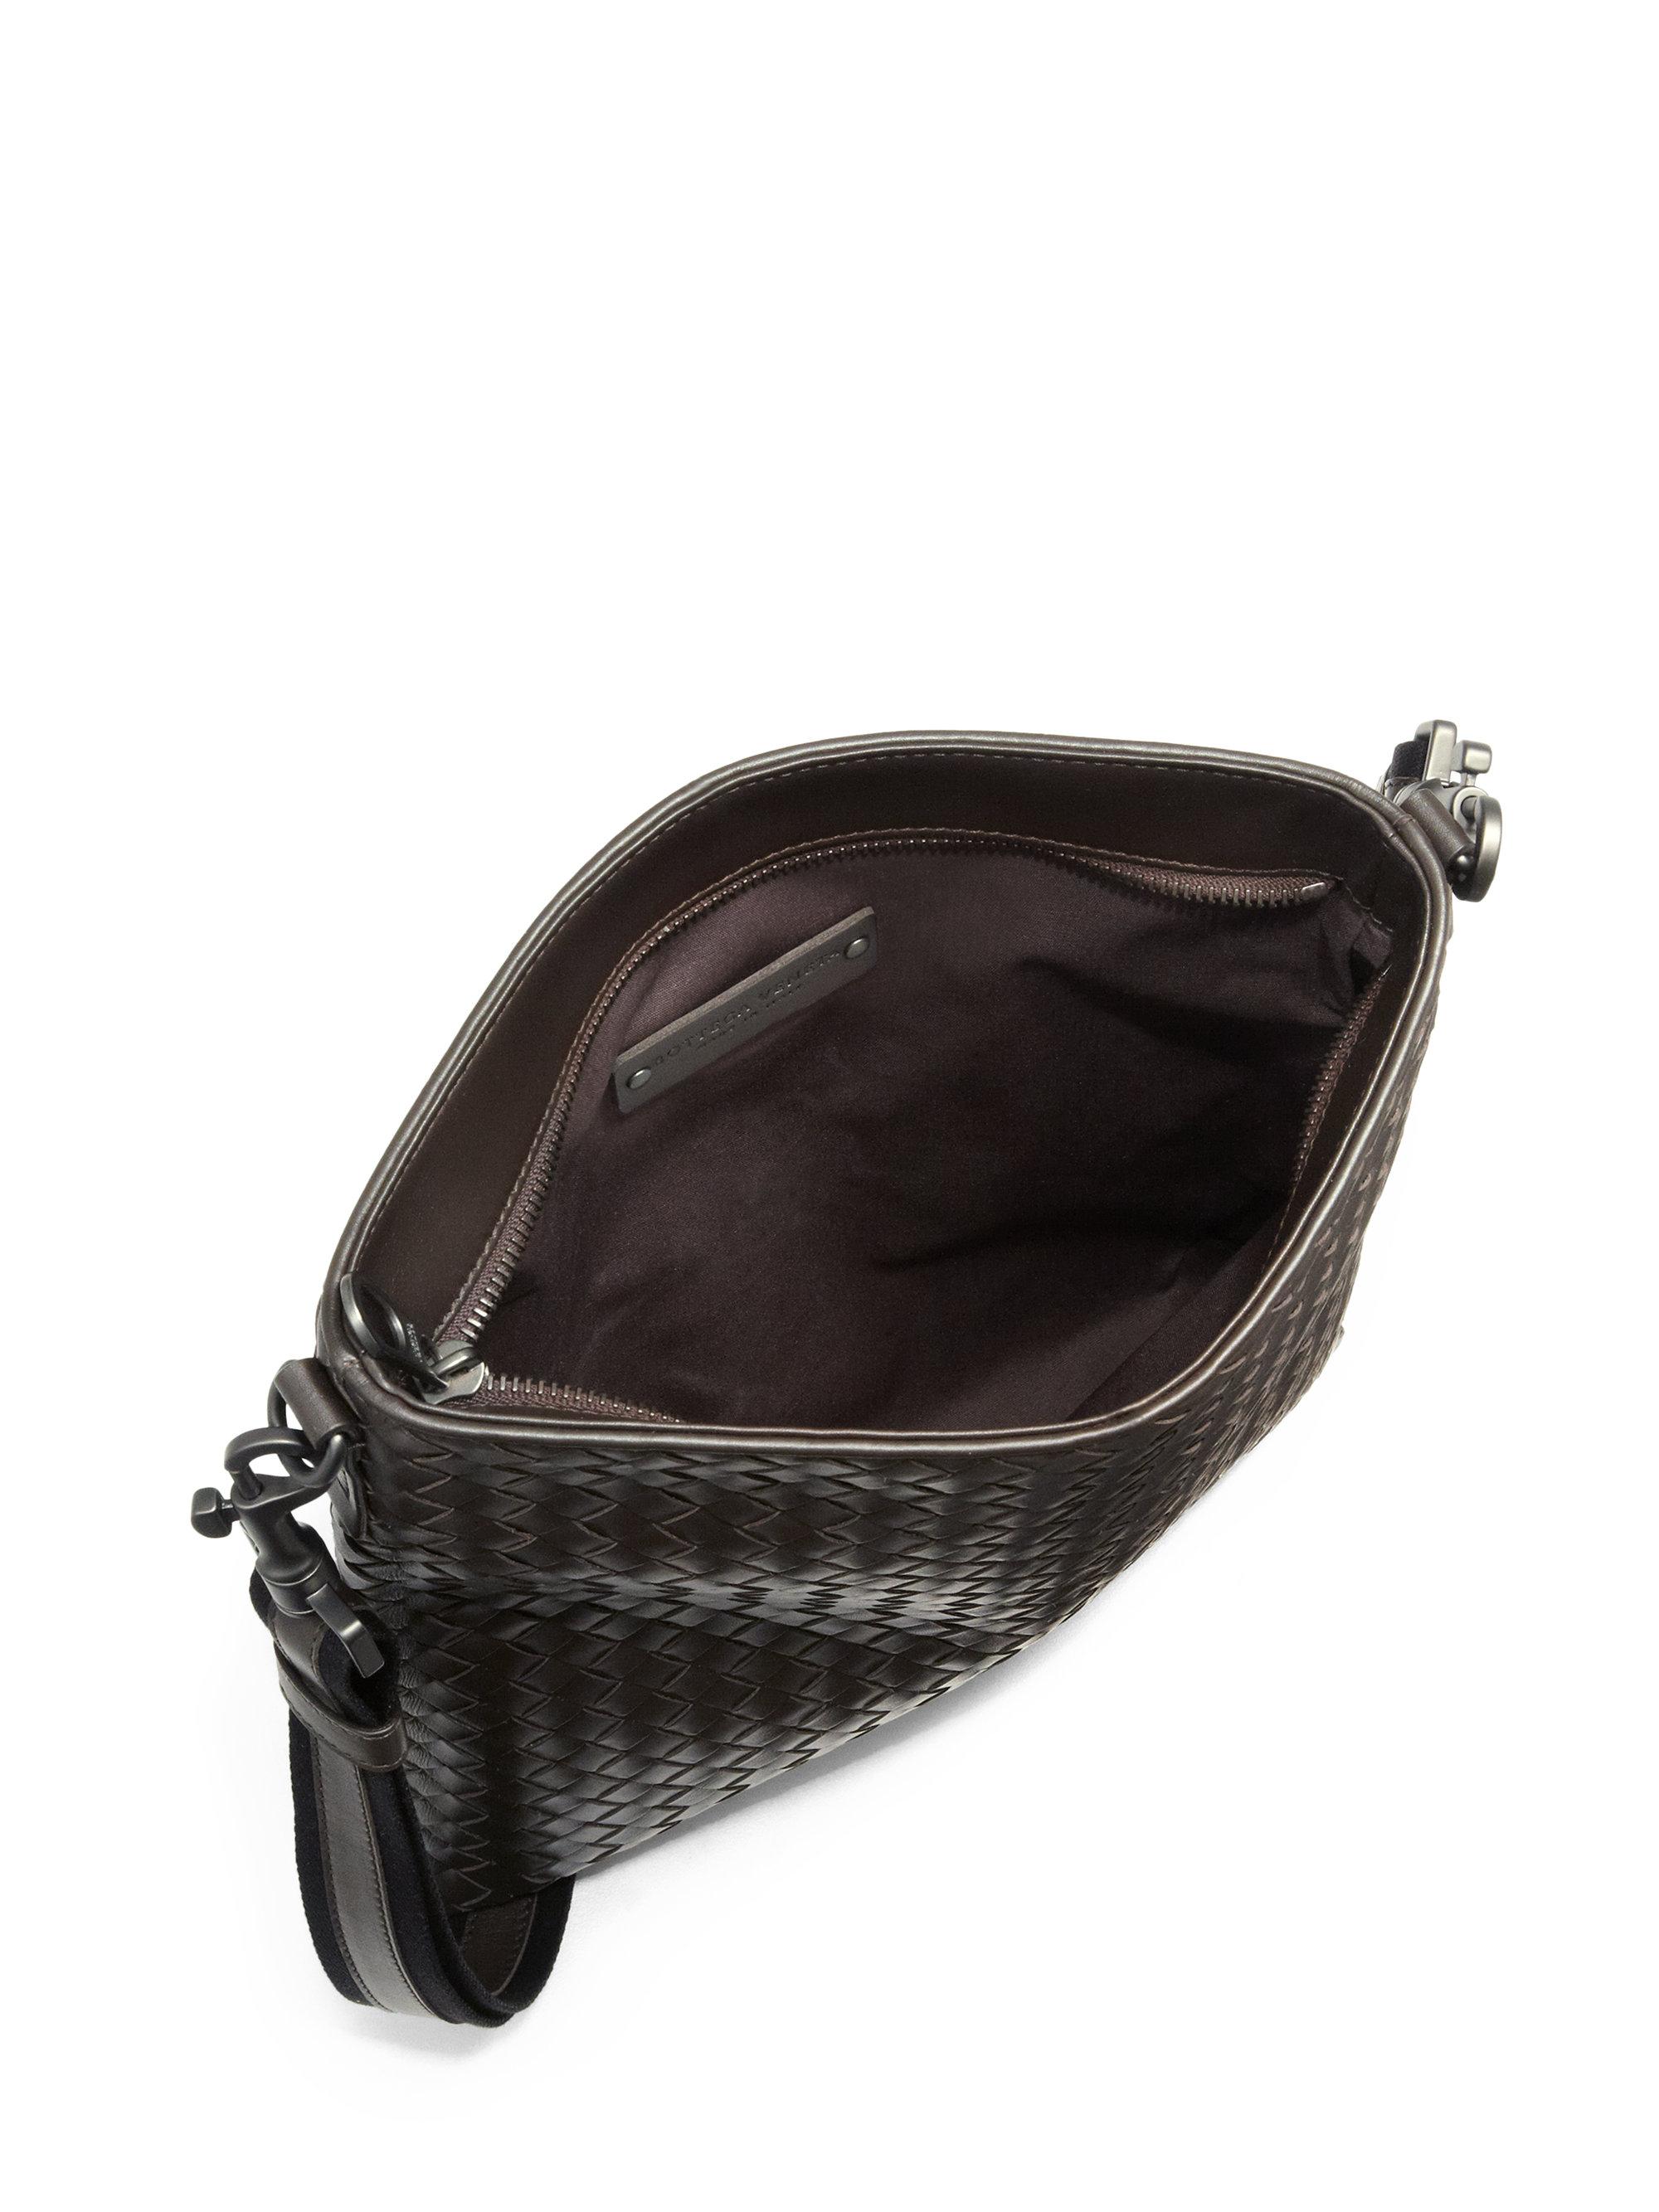 Bottega Veneta Borsa Intrecciato Leather Crossbody Bag In